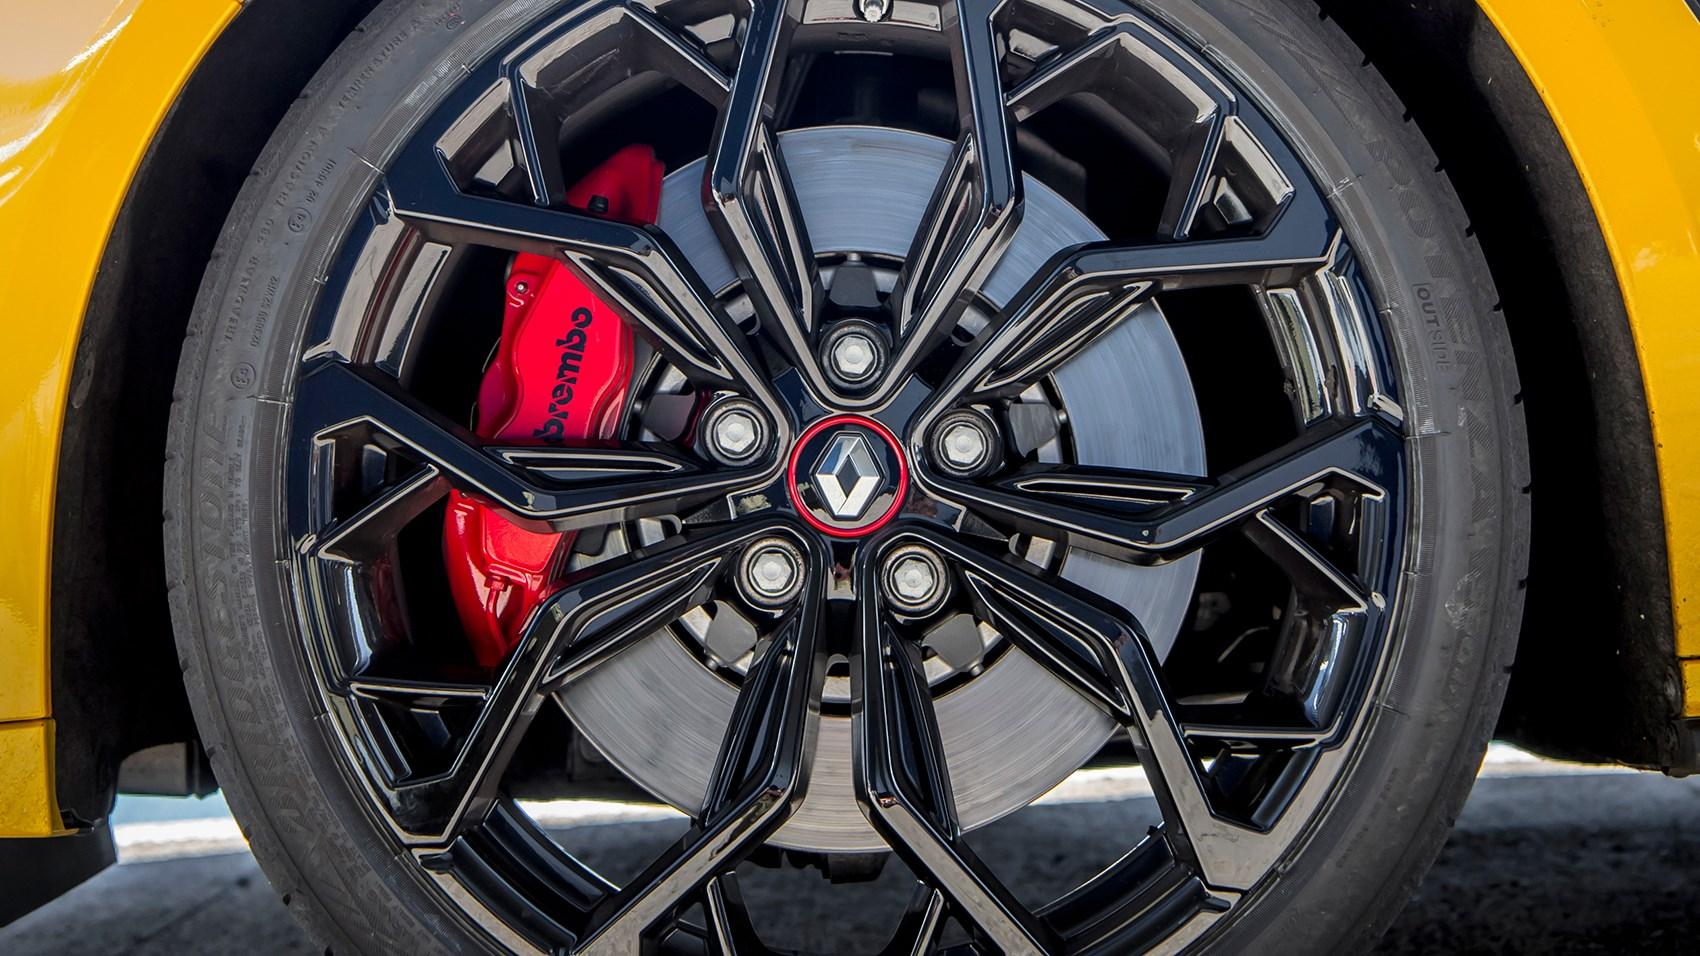 Renault Megane RS Cup wheel